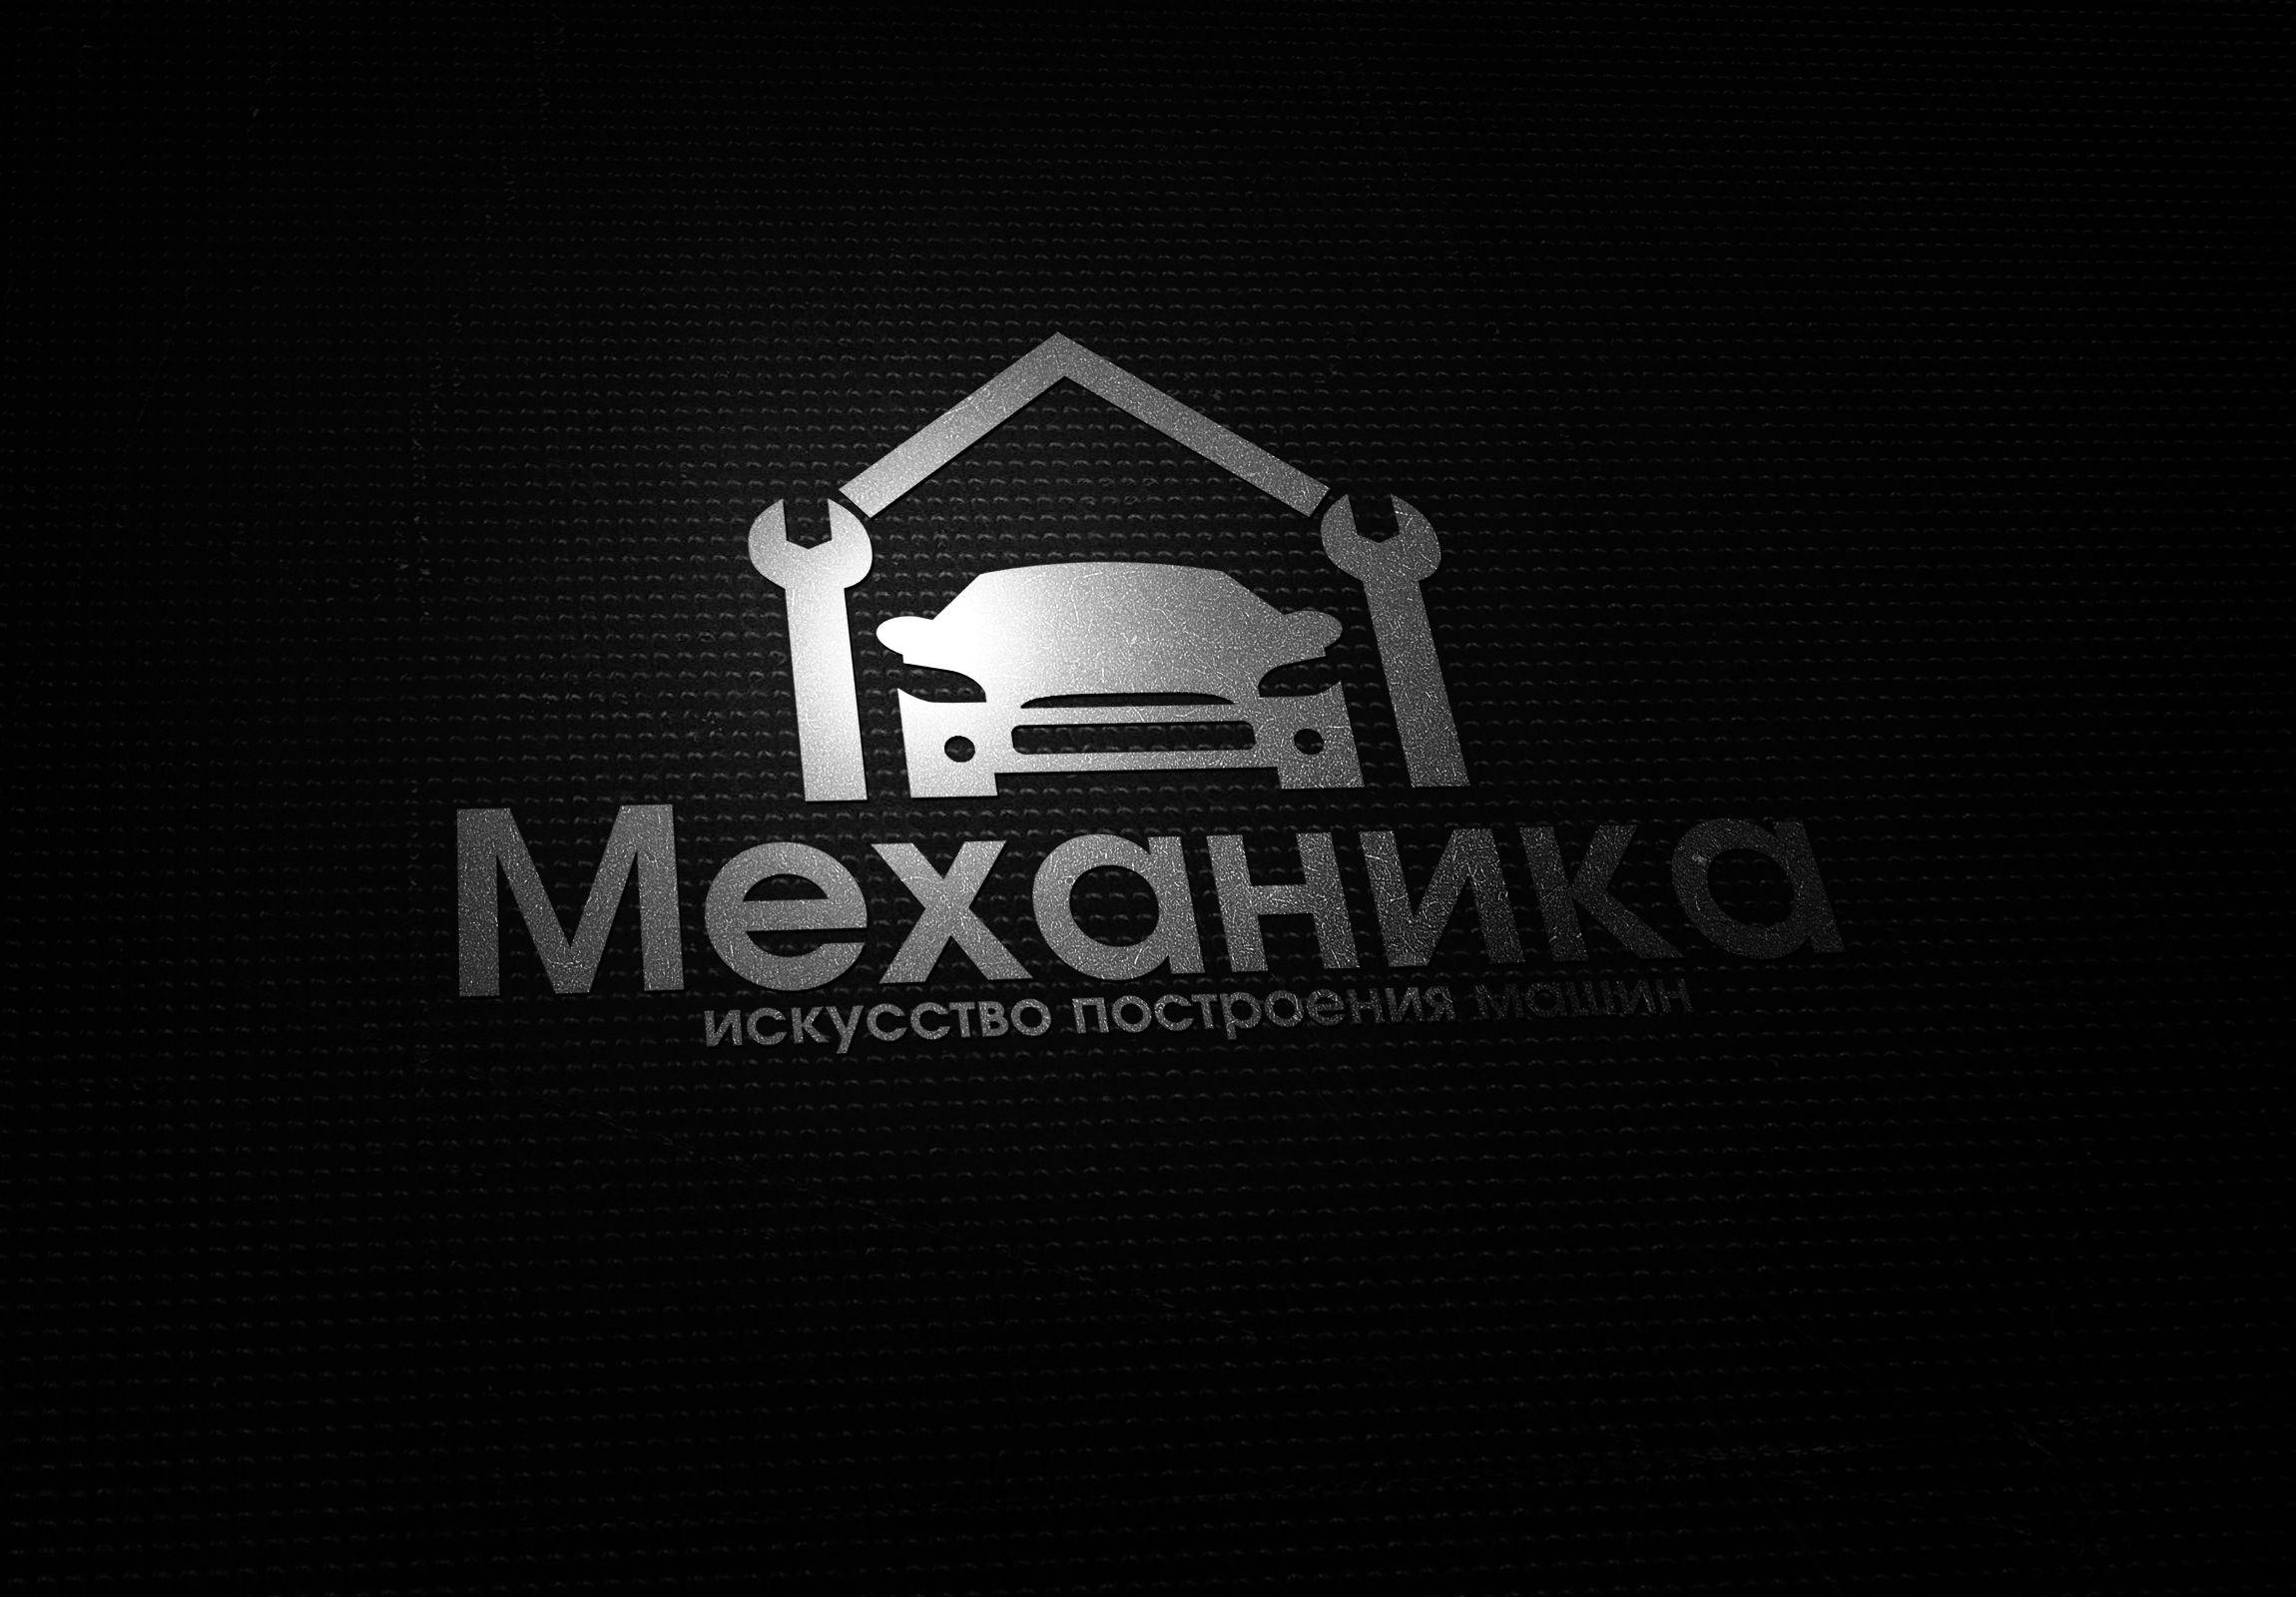 Логотип для магазина автозапчасти 'Механика' - дизайнер Zarapin17